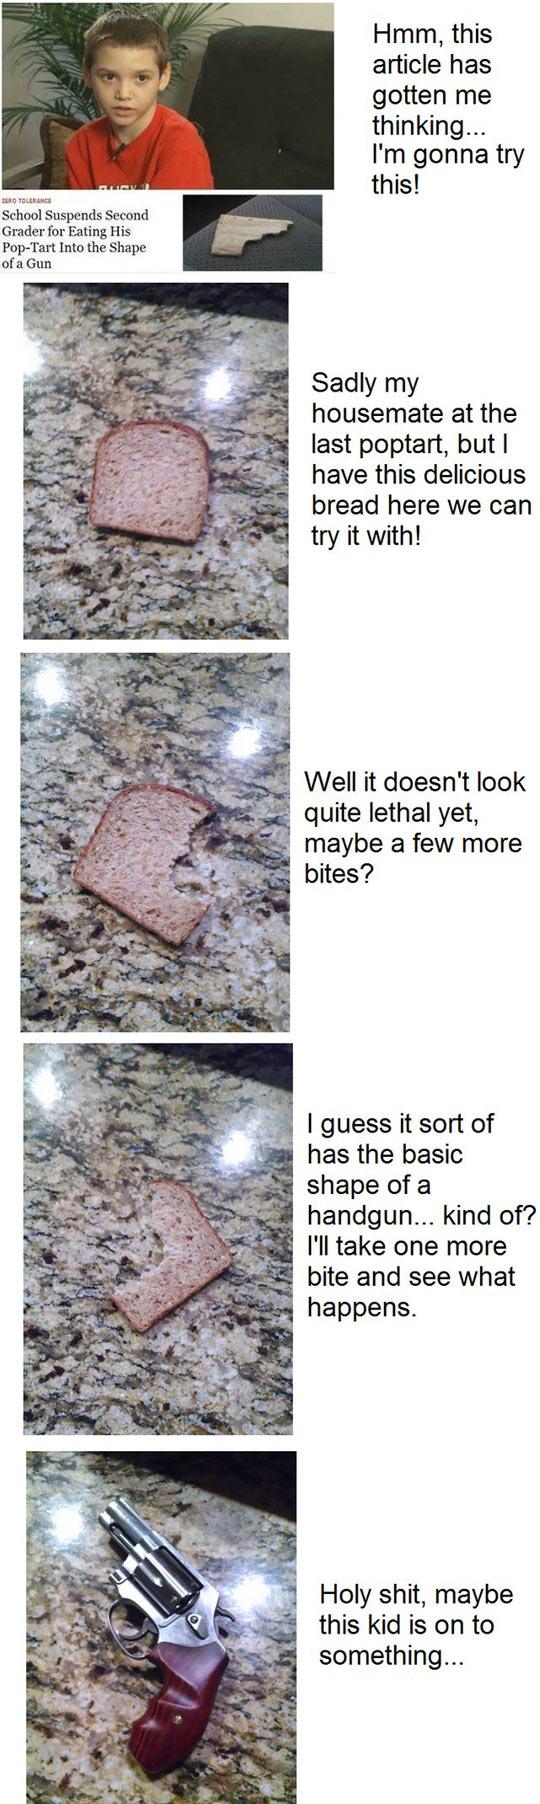 funny-kid-bread-Pop-Tart